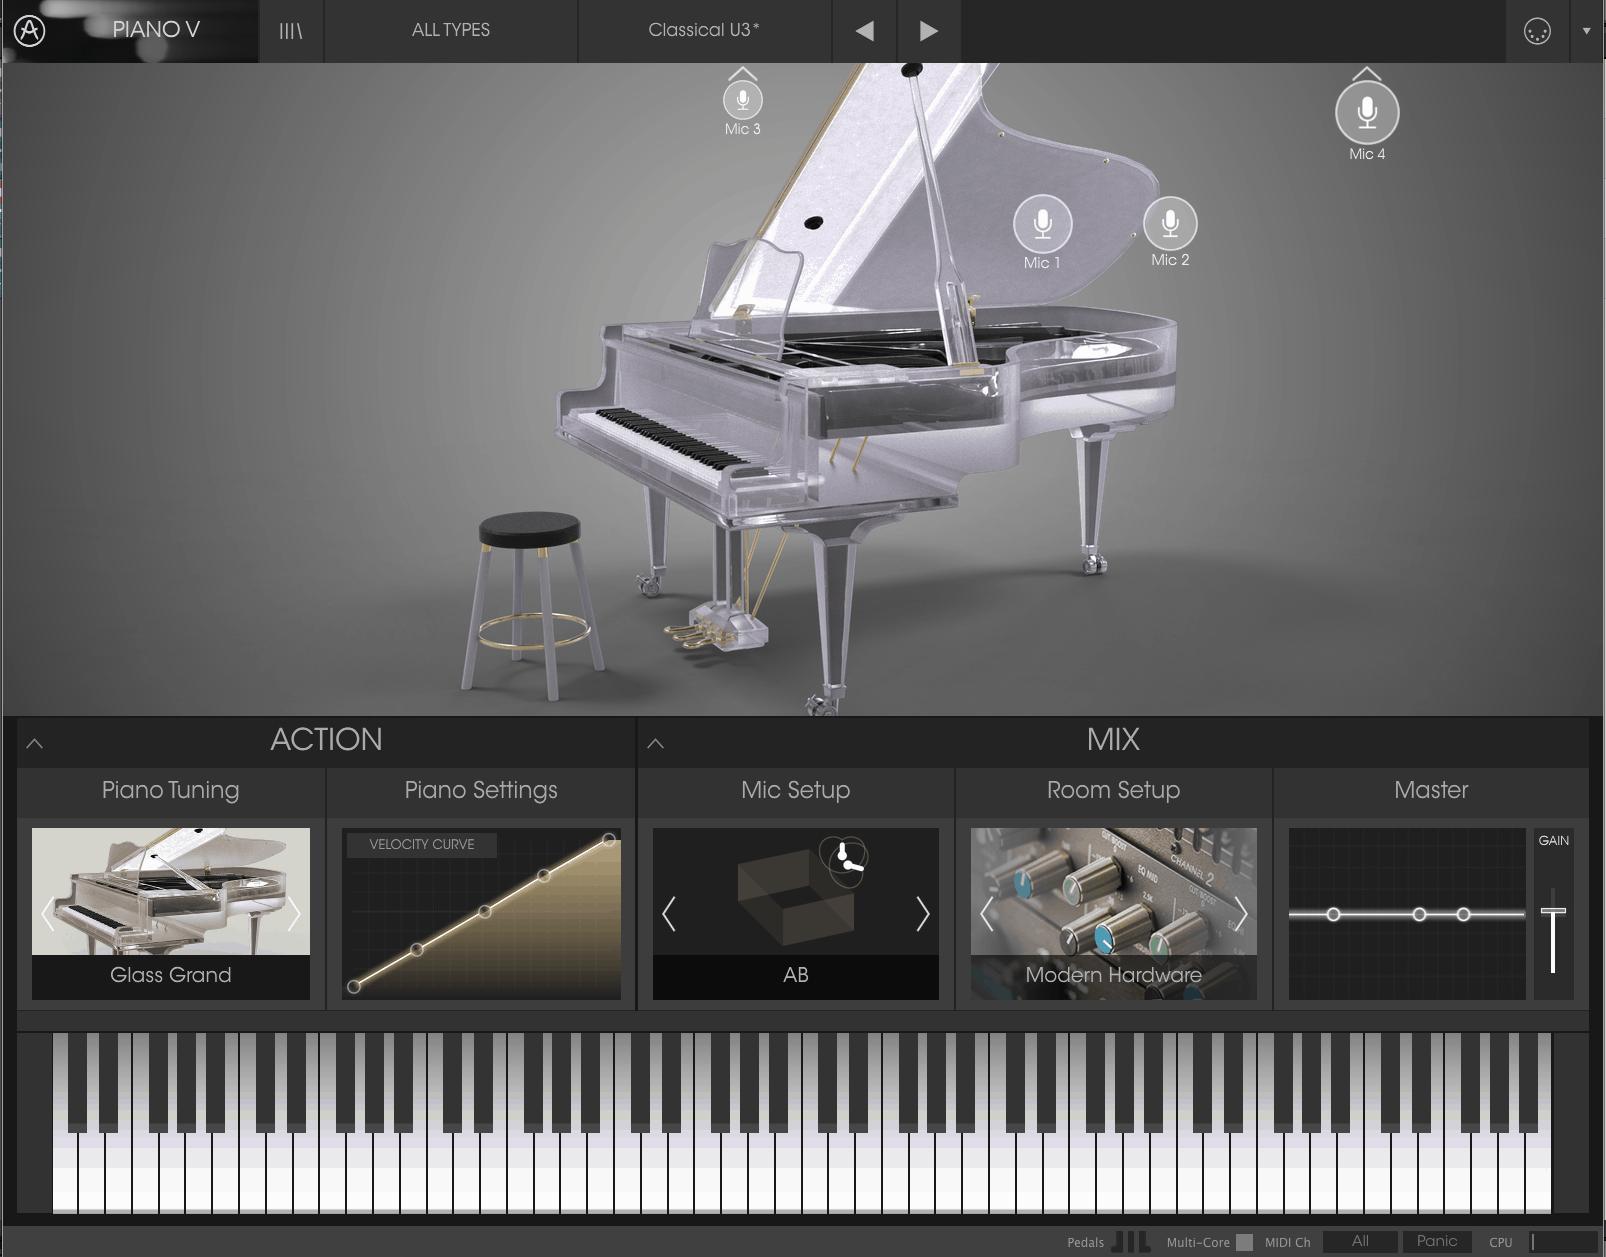 究極の透明感!キラキラピアノサウンドはArturiaのPianoVに任せろ!